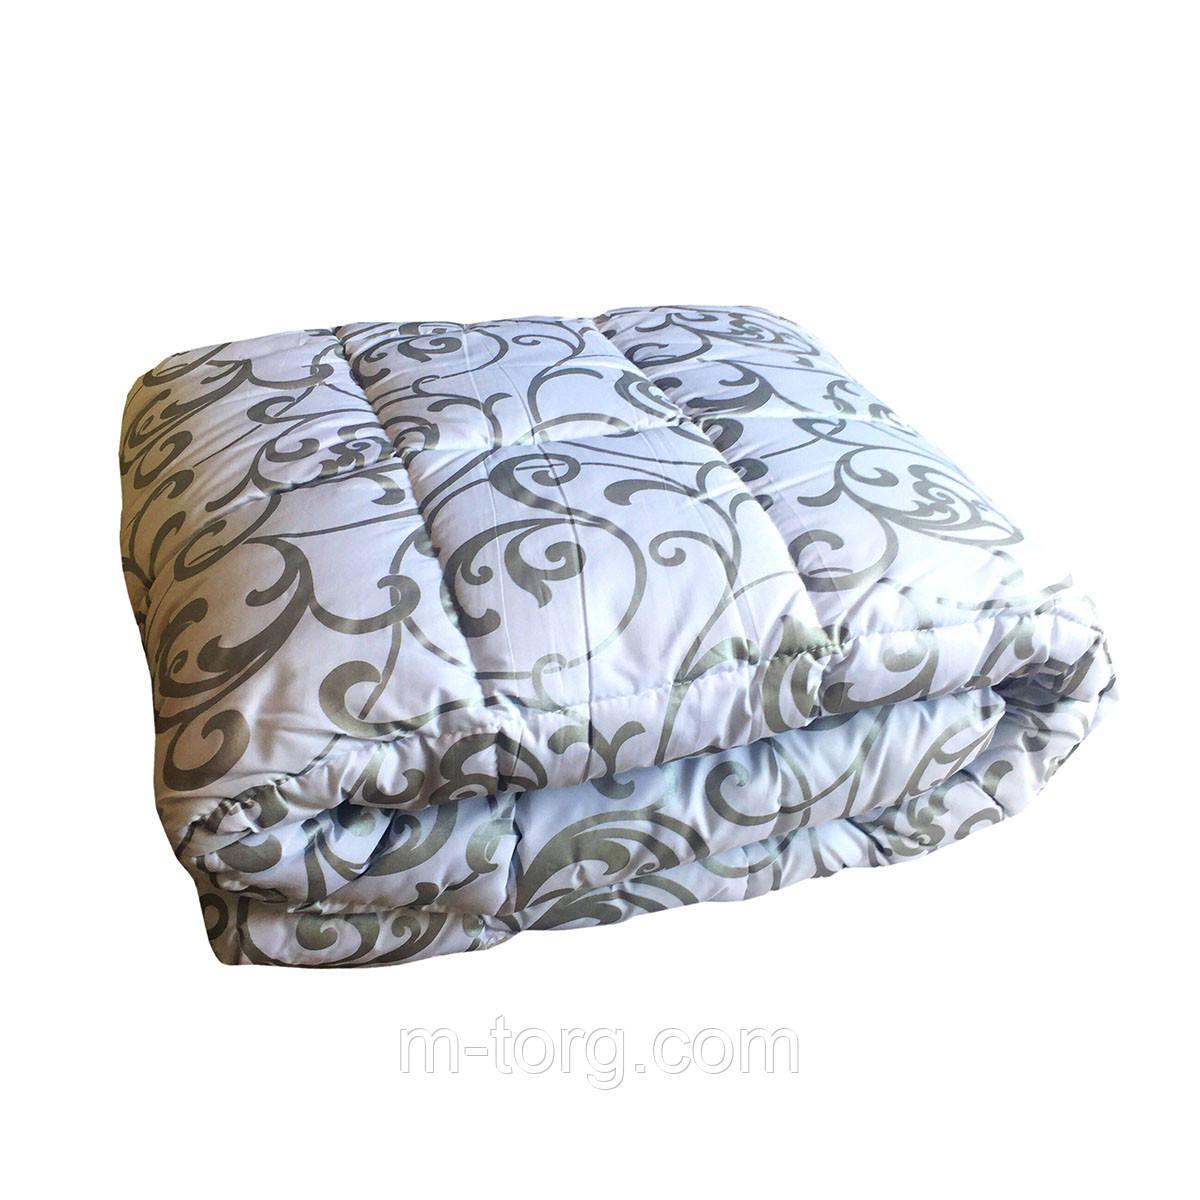 Бамбукове двоспальну ковдру 180/210 тканина мікрофібра